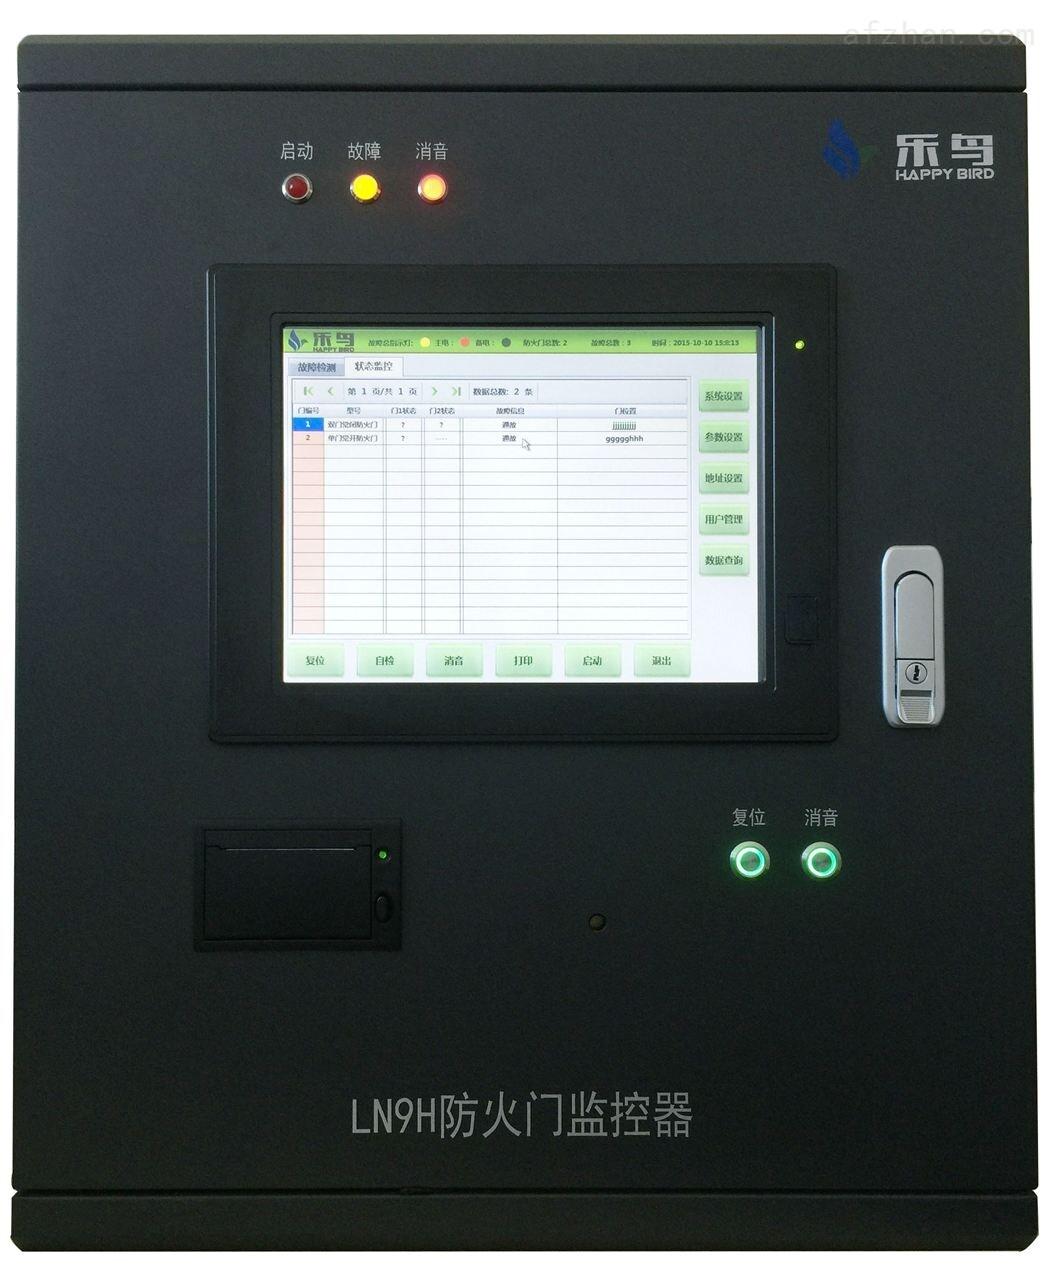 乐鸟ln9h-防火门监控器接线图-供求商机-北京乐鸟